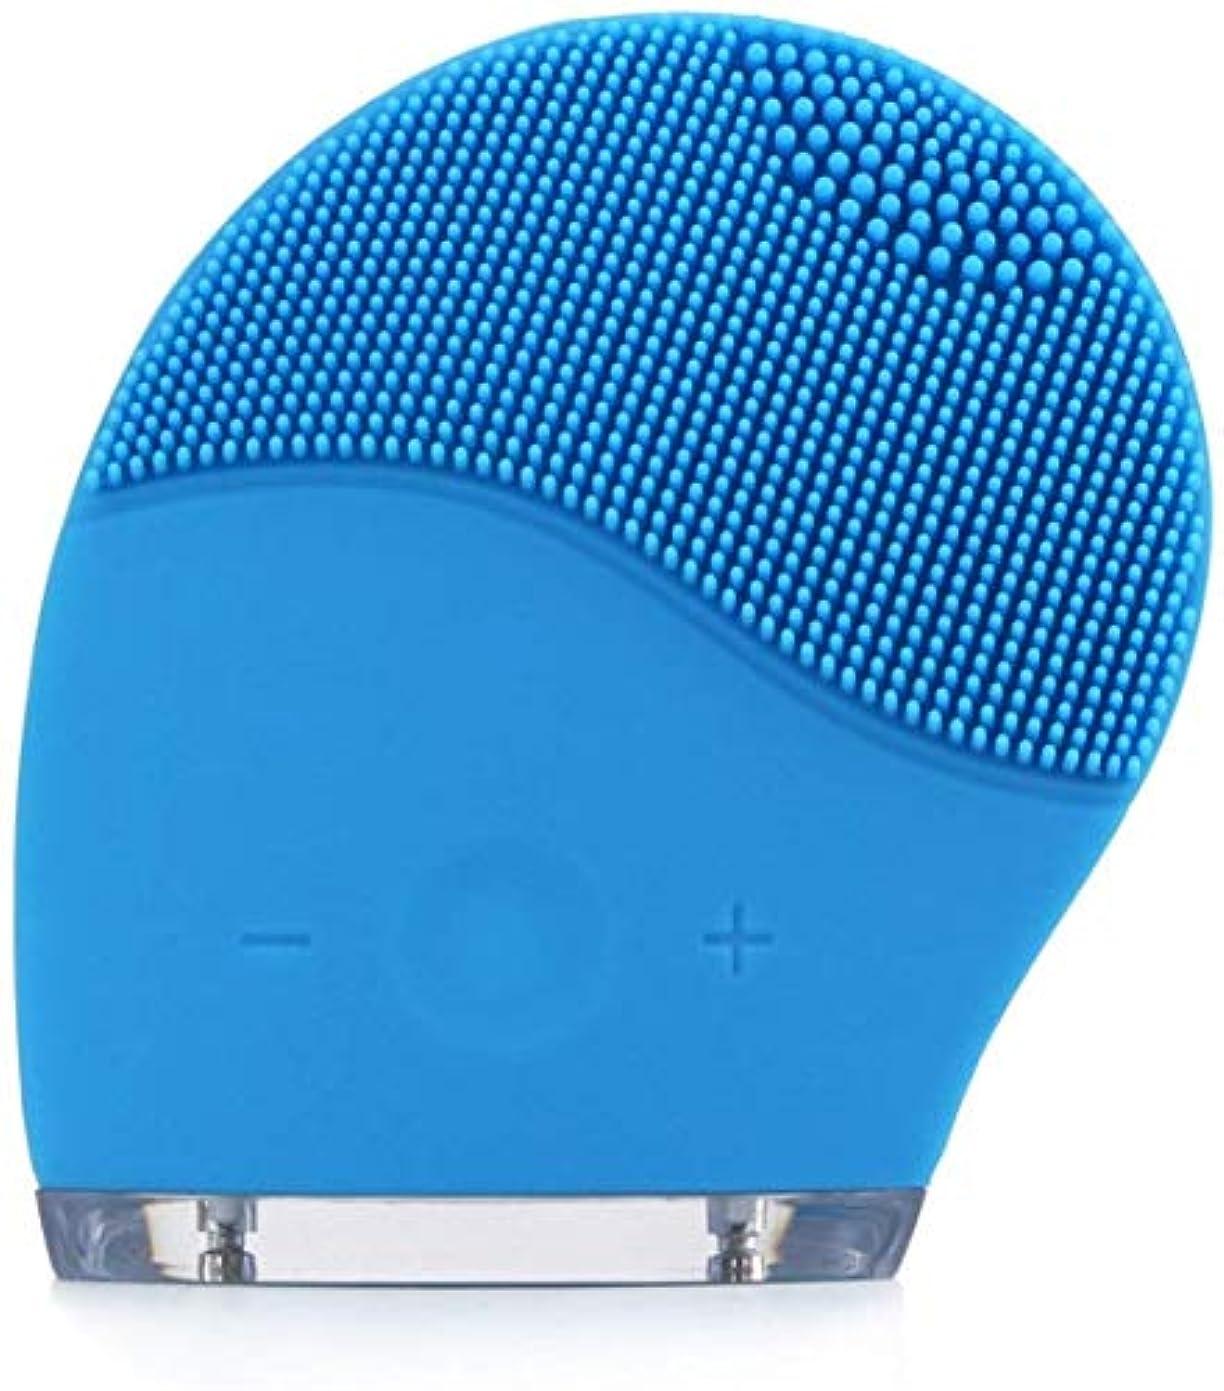 カレッジ入手します可聴洗顔ブラシ、ブラシ防水アンチエイジングスキンクレンザーフェイシャルポーランドやスクラブのためのディープエクスフォリエーターのメイクツールマッサージャー電気シリコーンフェイス